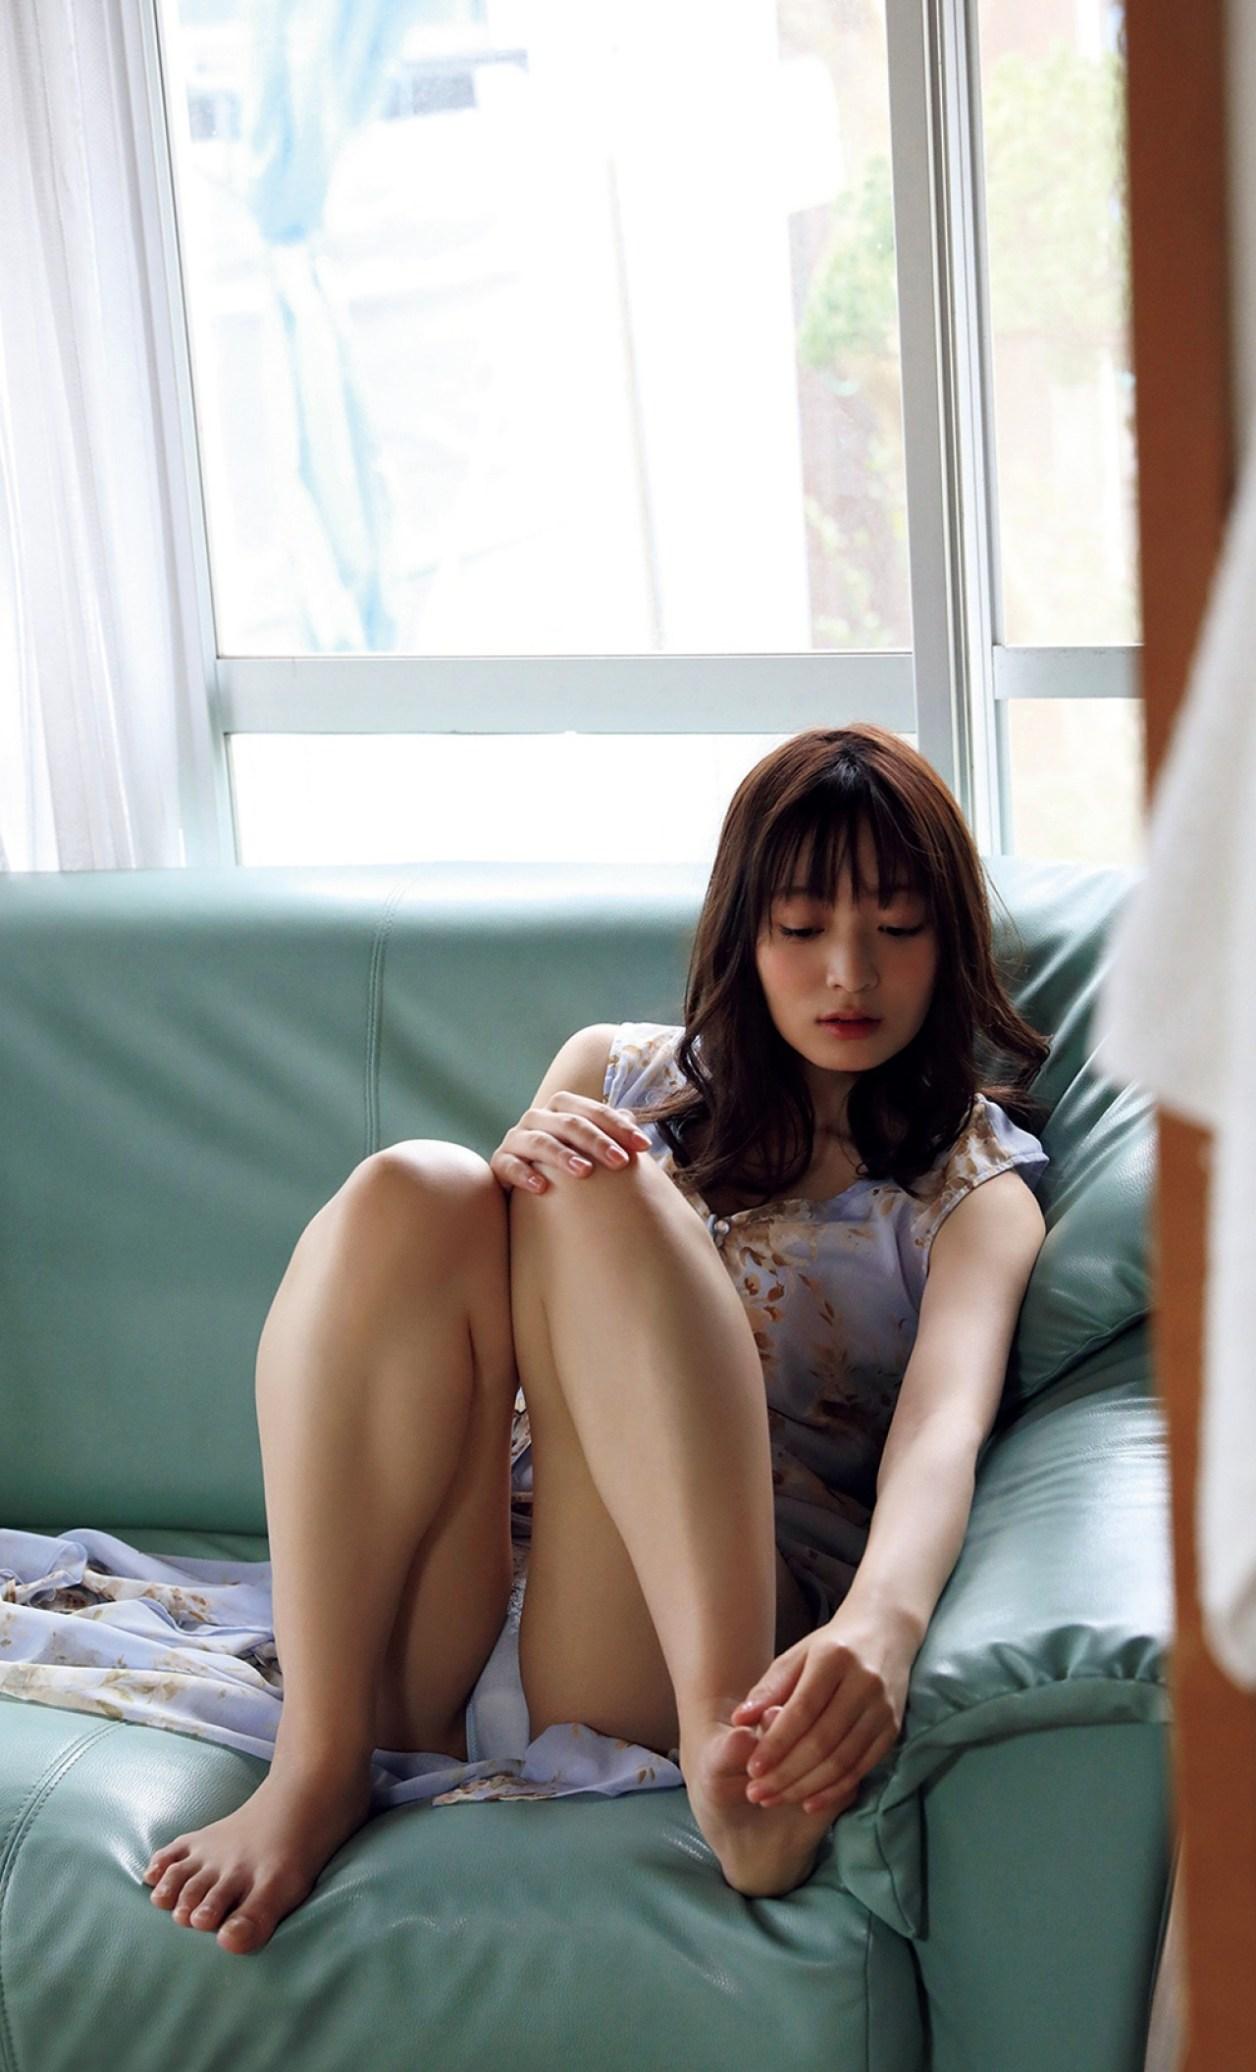 和田瞳 初公開 フルヌード エロ画像 003